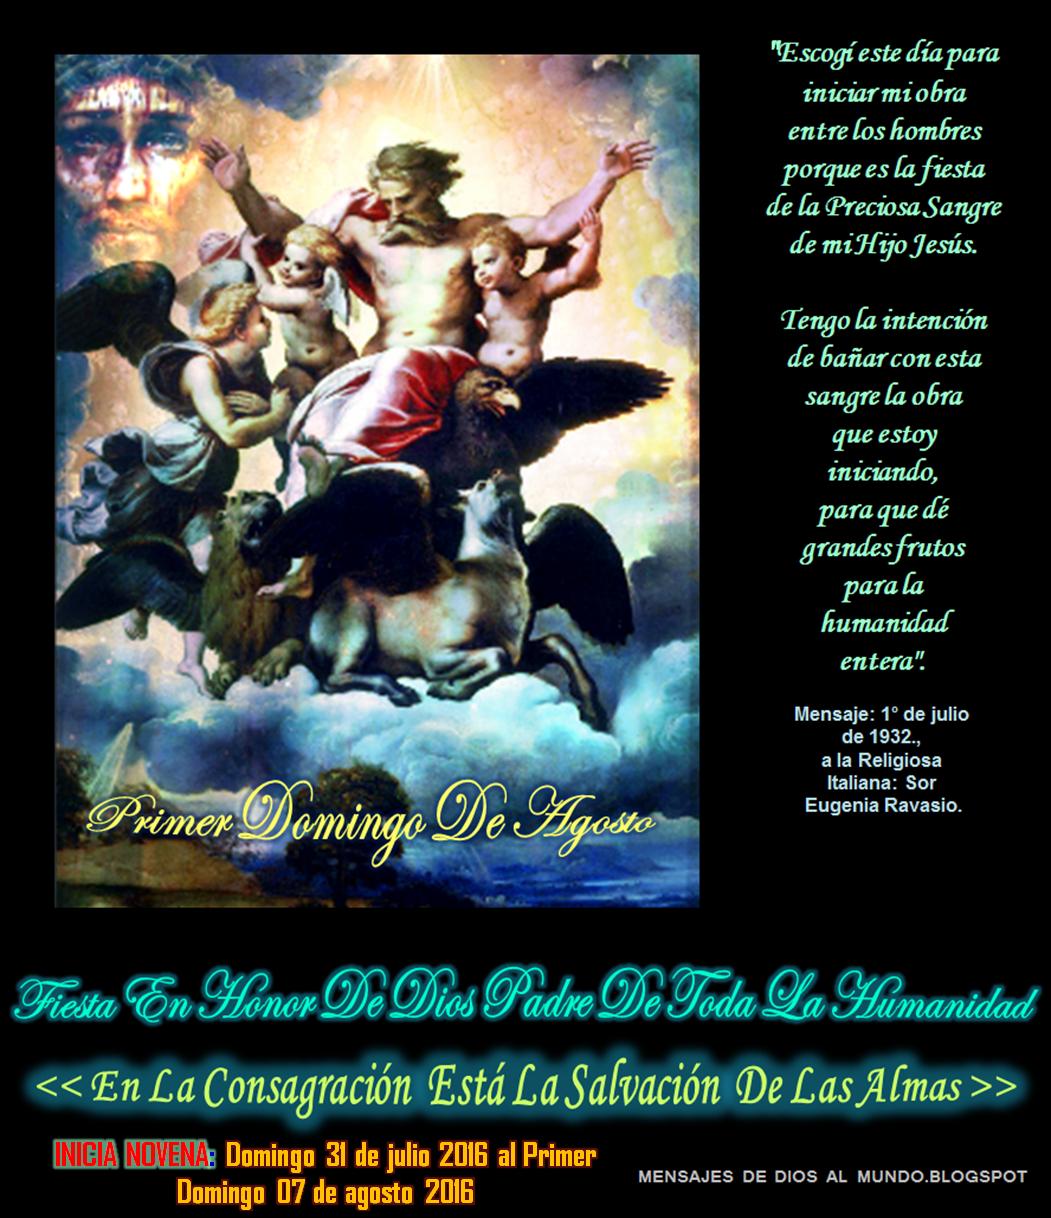 PRIMER DOMINGO DE AGOSTO  * FIESTA EN HONOR DE DIOS PADRE DE TODA LA HUMANIDAD*